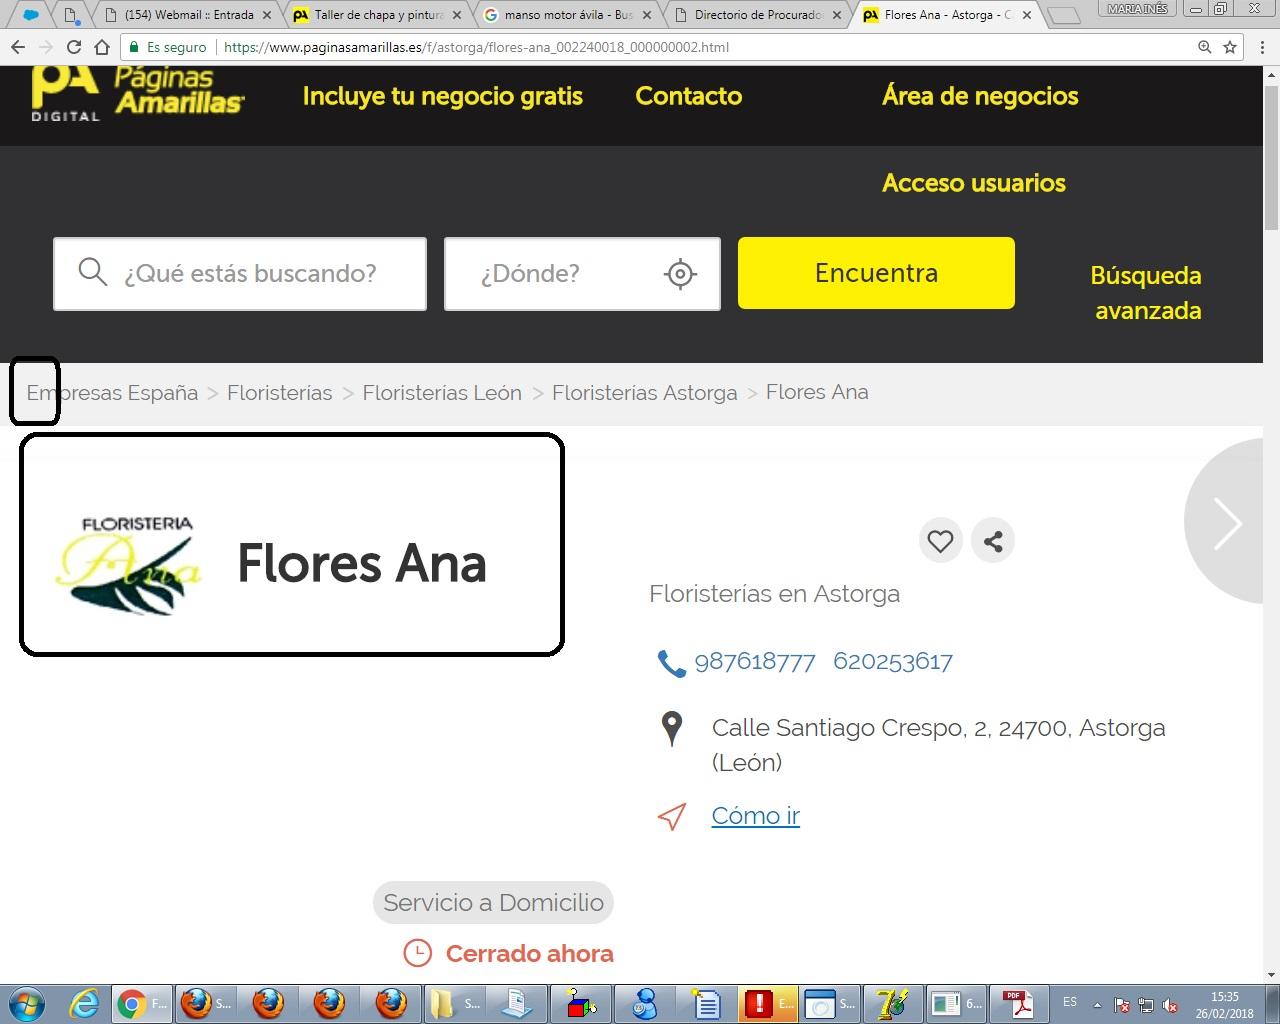 Flores Ana